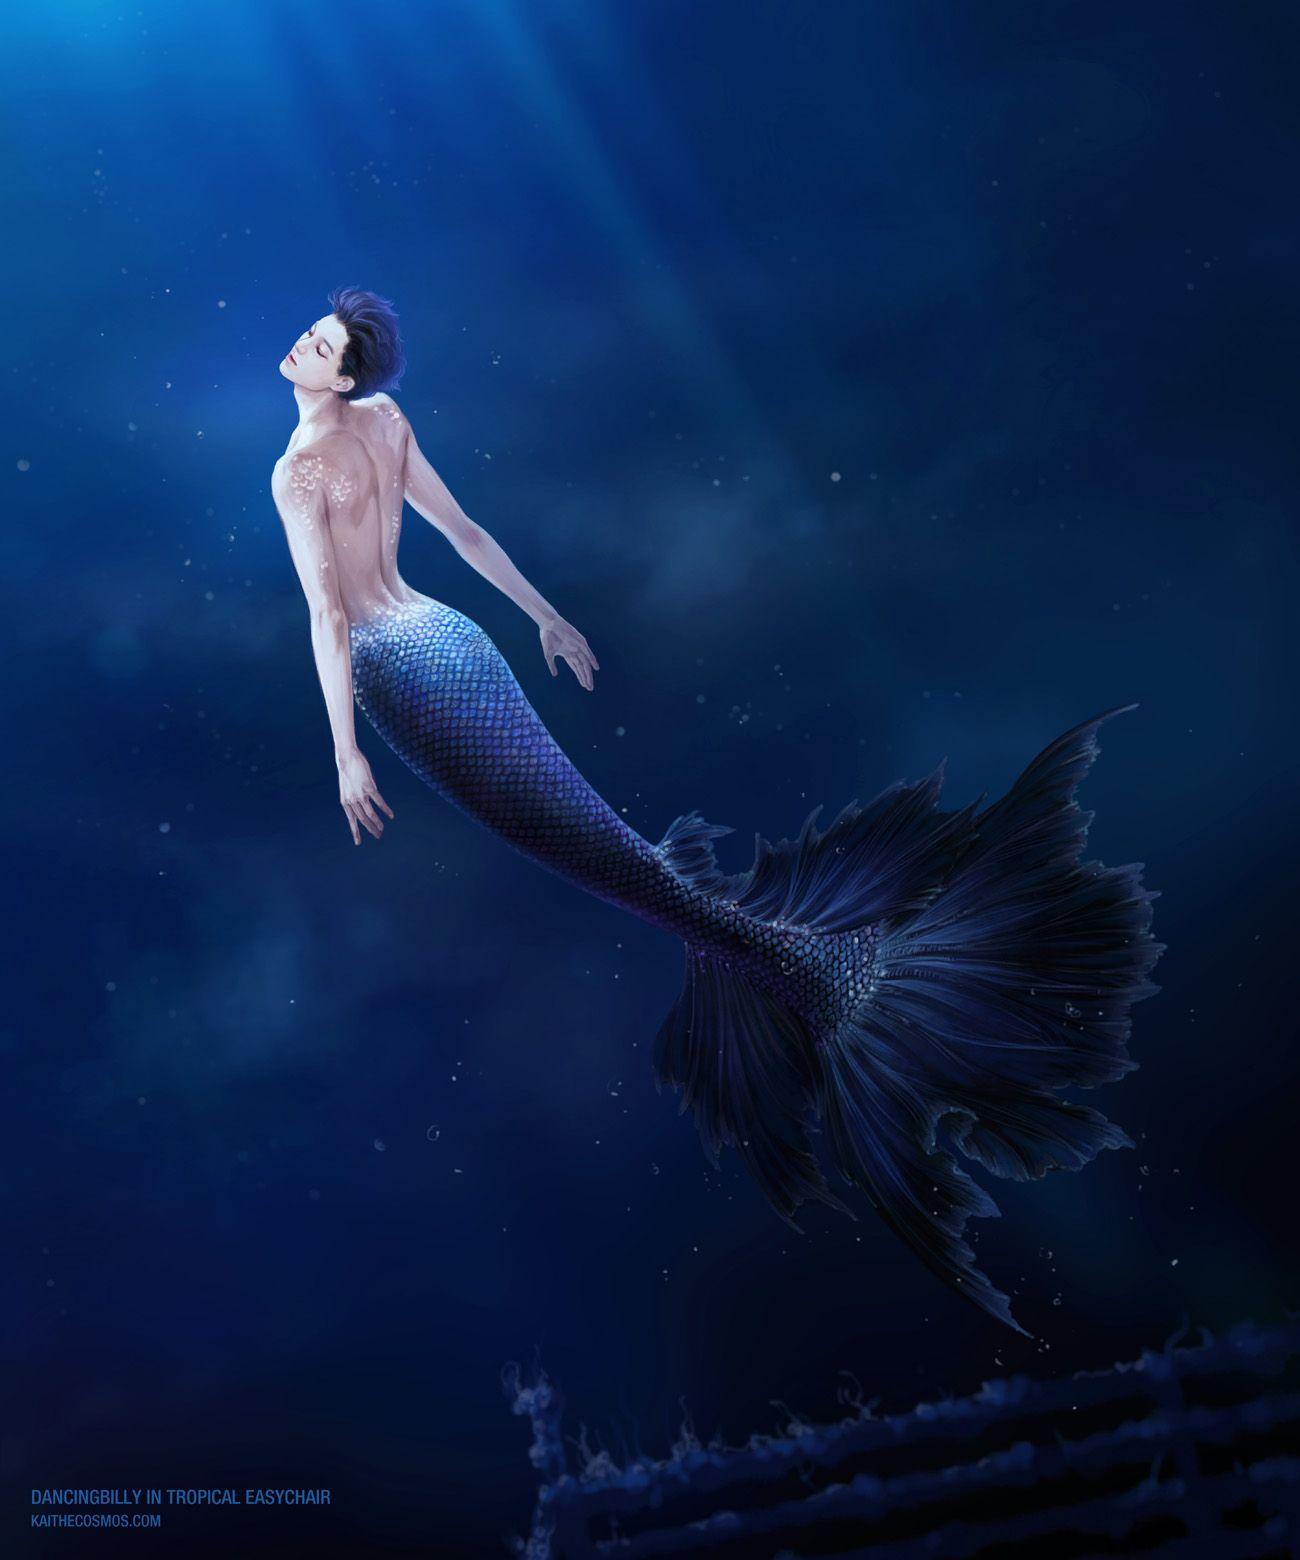 Mermaid and Merman Drawing